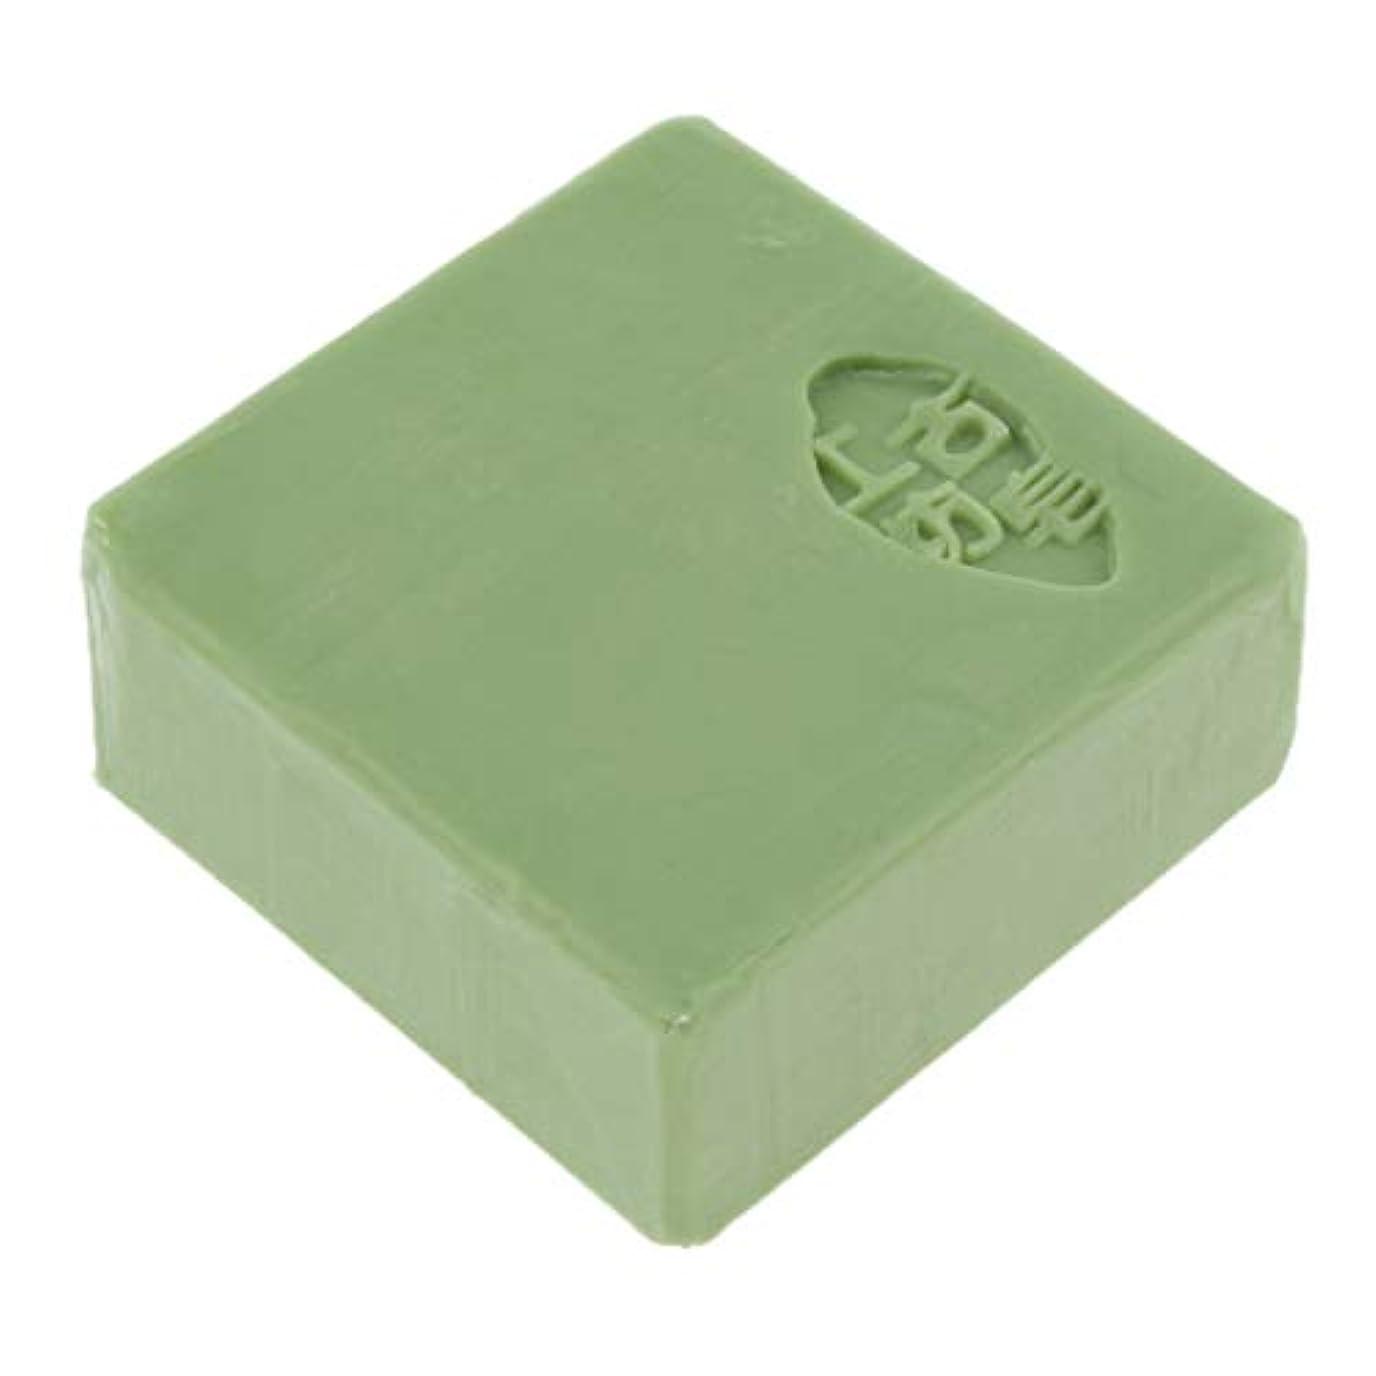 補助崇拝しますリーガンボディ フェイスソープ バス スキンケア 保湿 肌守り 全3色 - 緑